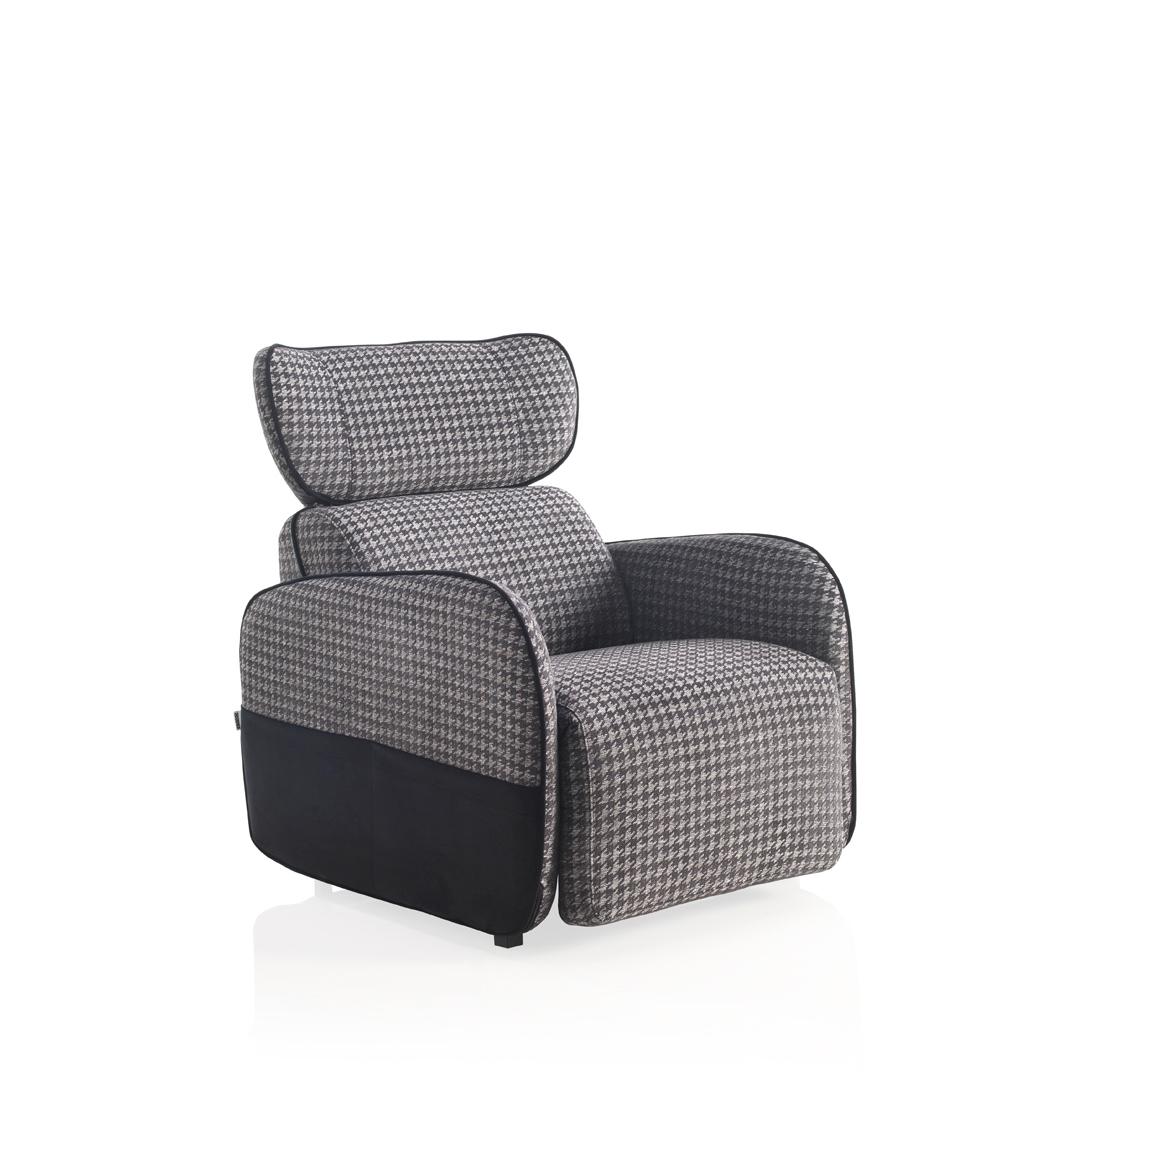 Modernūs minkšti svetainės baldai krėsliukas Koishi 1